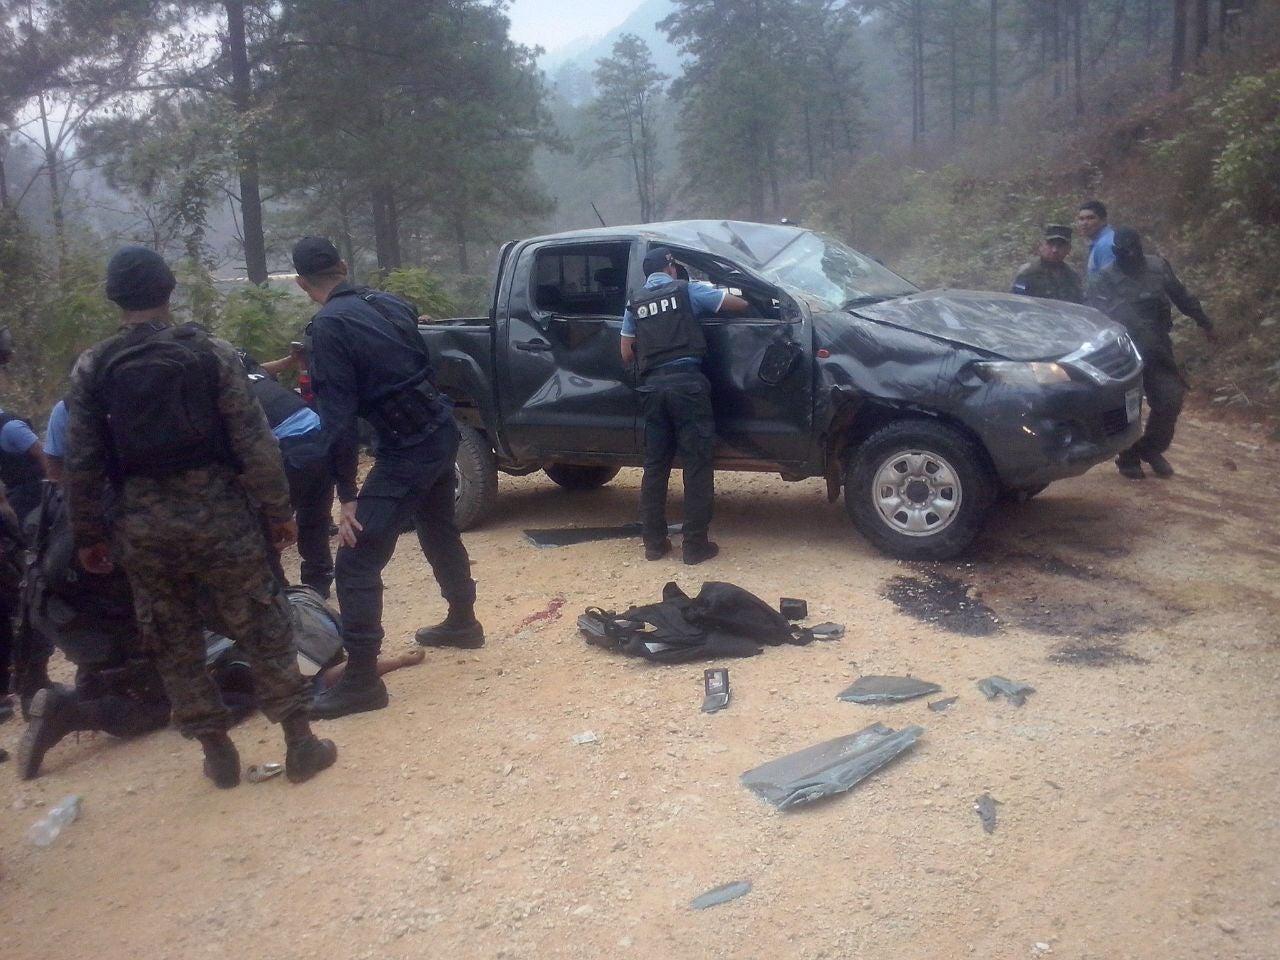 Agente DPI muere en accidente luego de regresar de operativo en Olancho